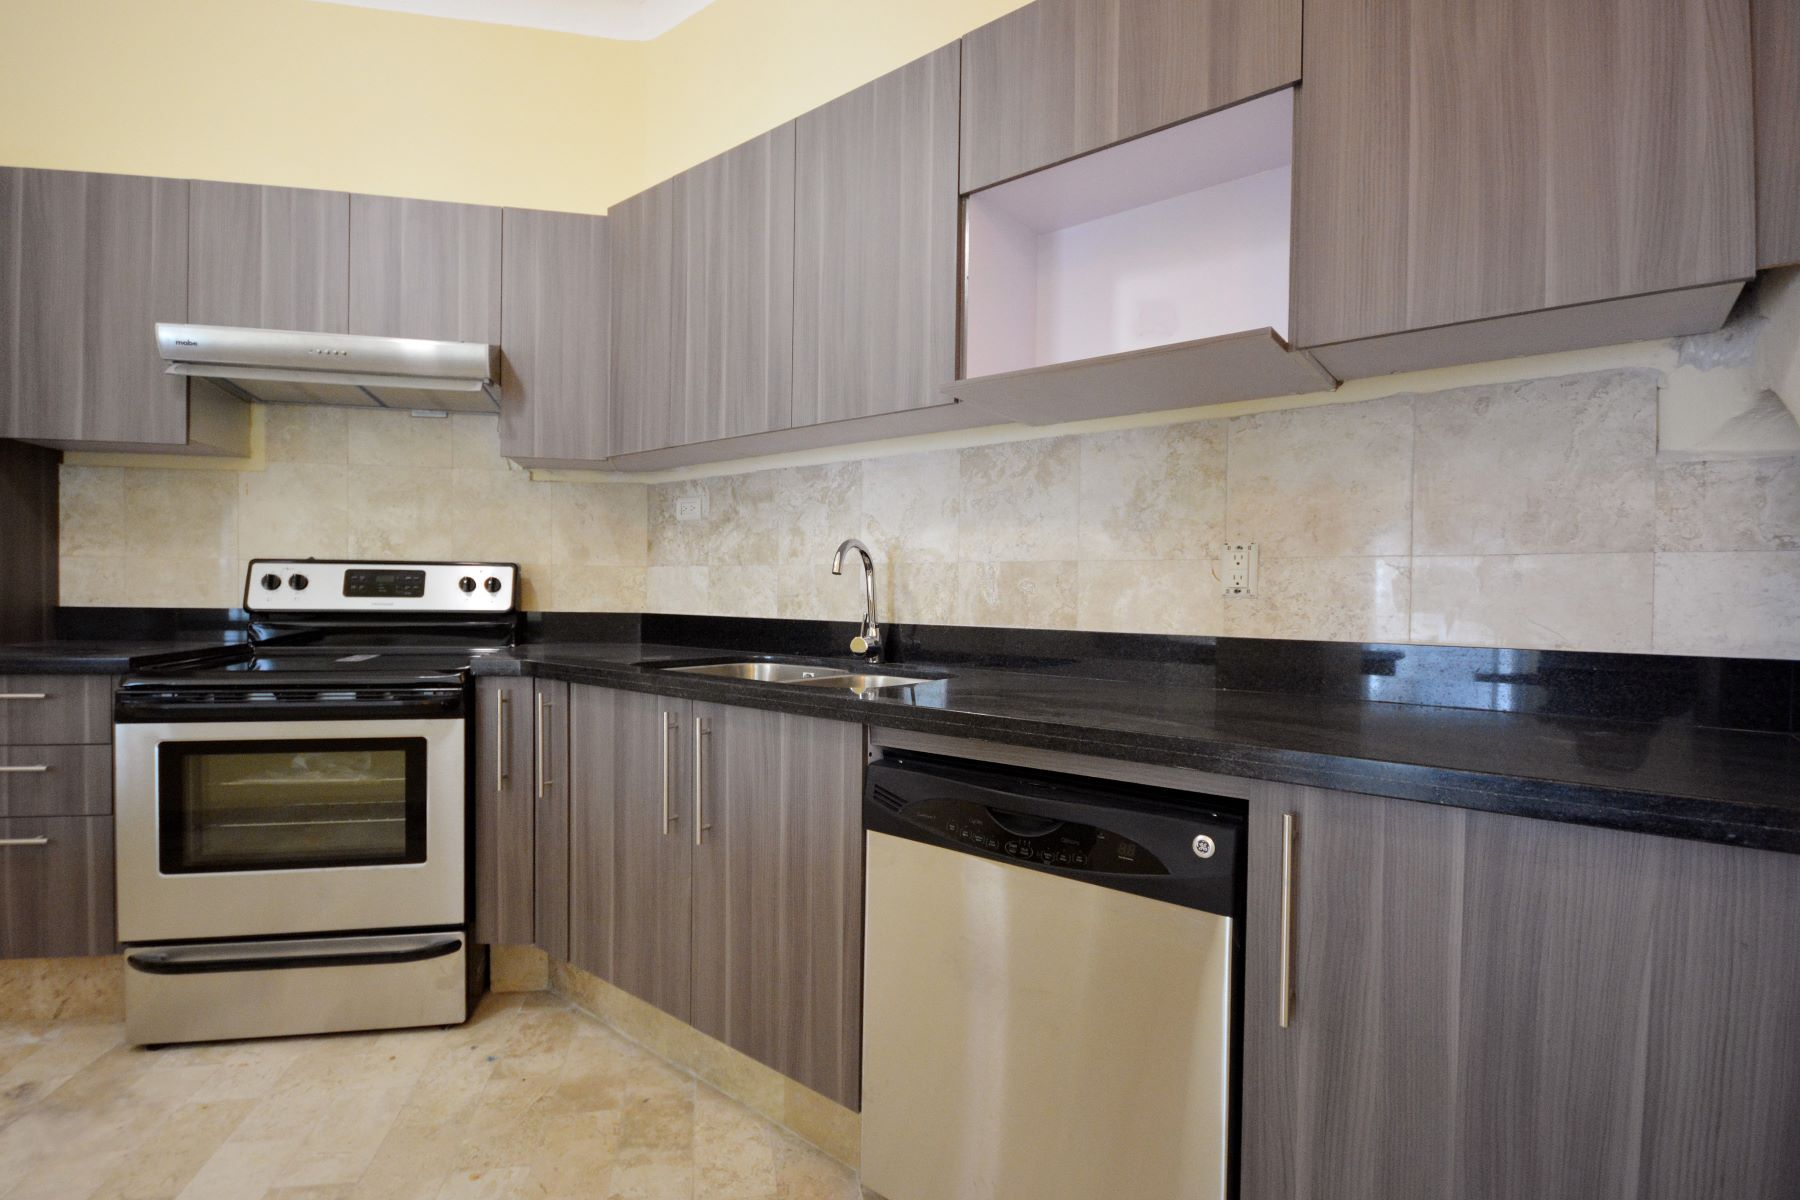 Additional photo for property listing at VILLA DEL SOL Villa Del Sol SM-11 MZ-05 L-1 Puerto Morelos, Quintana Roo 77580 México